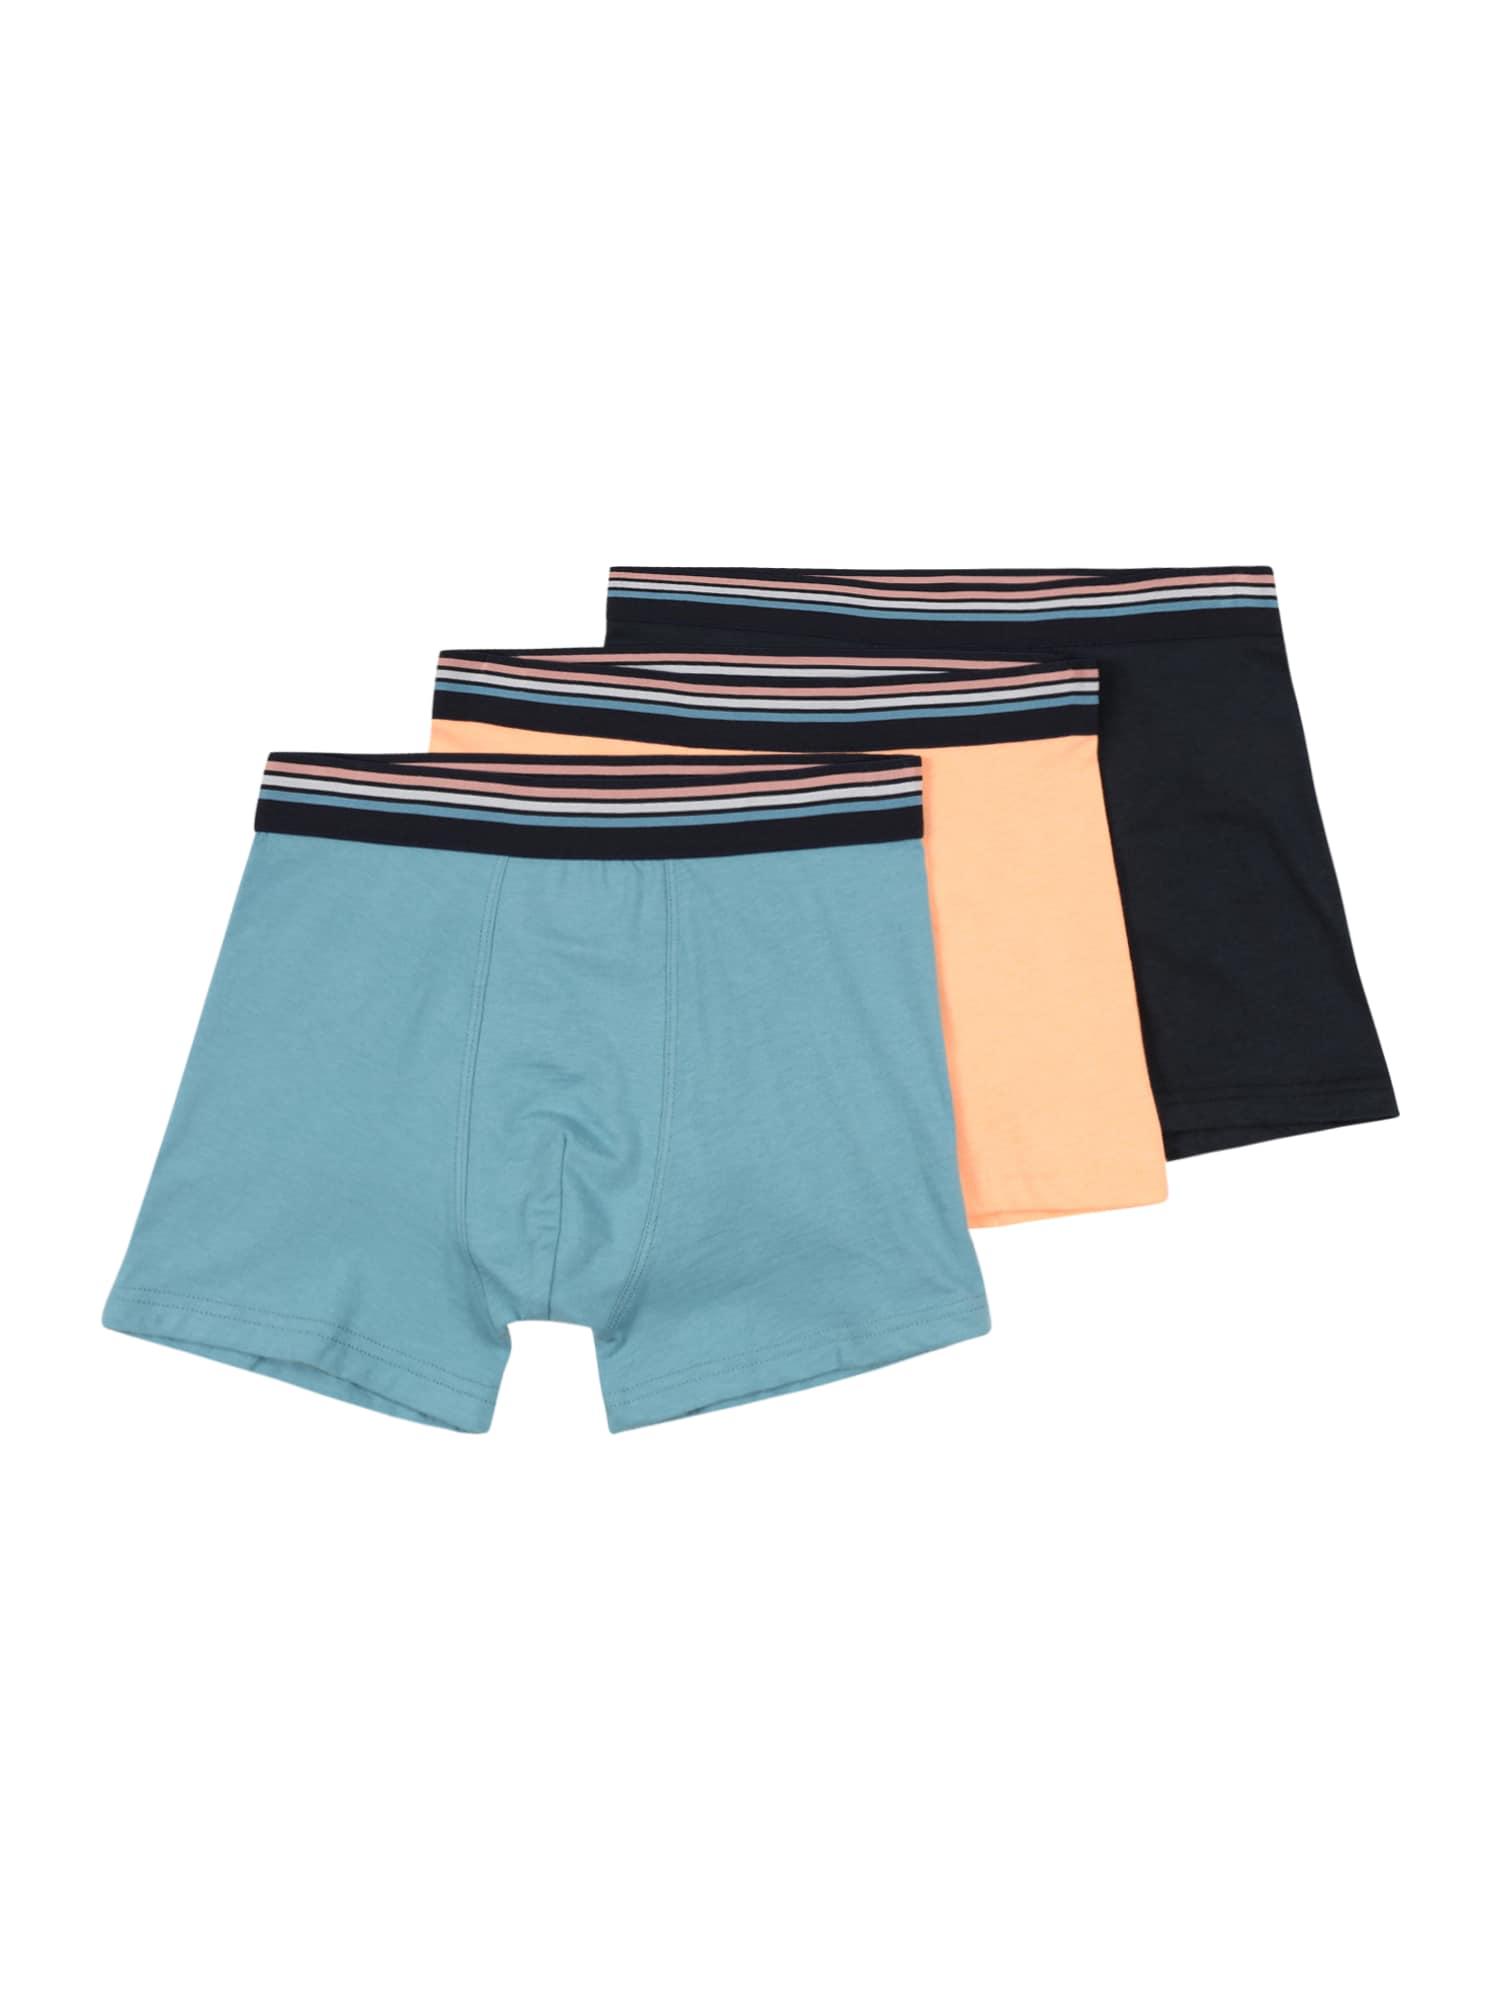 SANETTA Apatinės kelnaitės tamsiai mėlyna / mėlyna dūmų spalva / persikų spalva / balta / ryškiai rožinė spalva